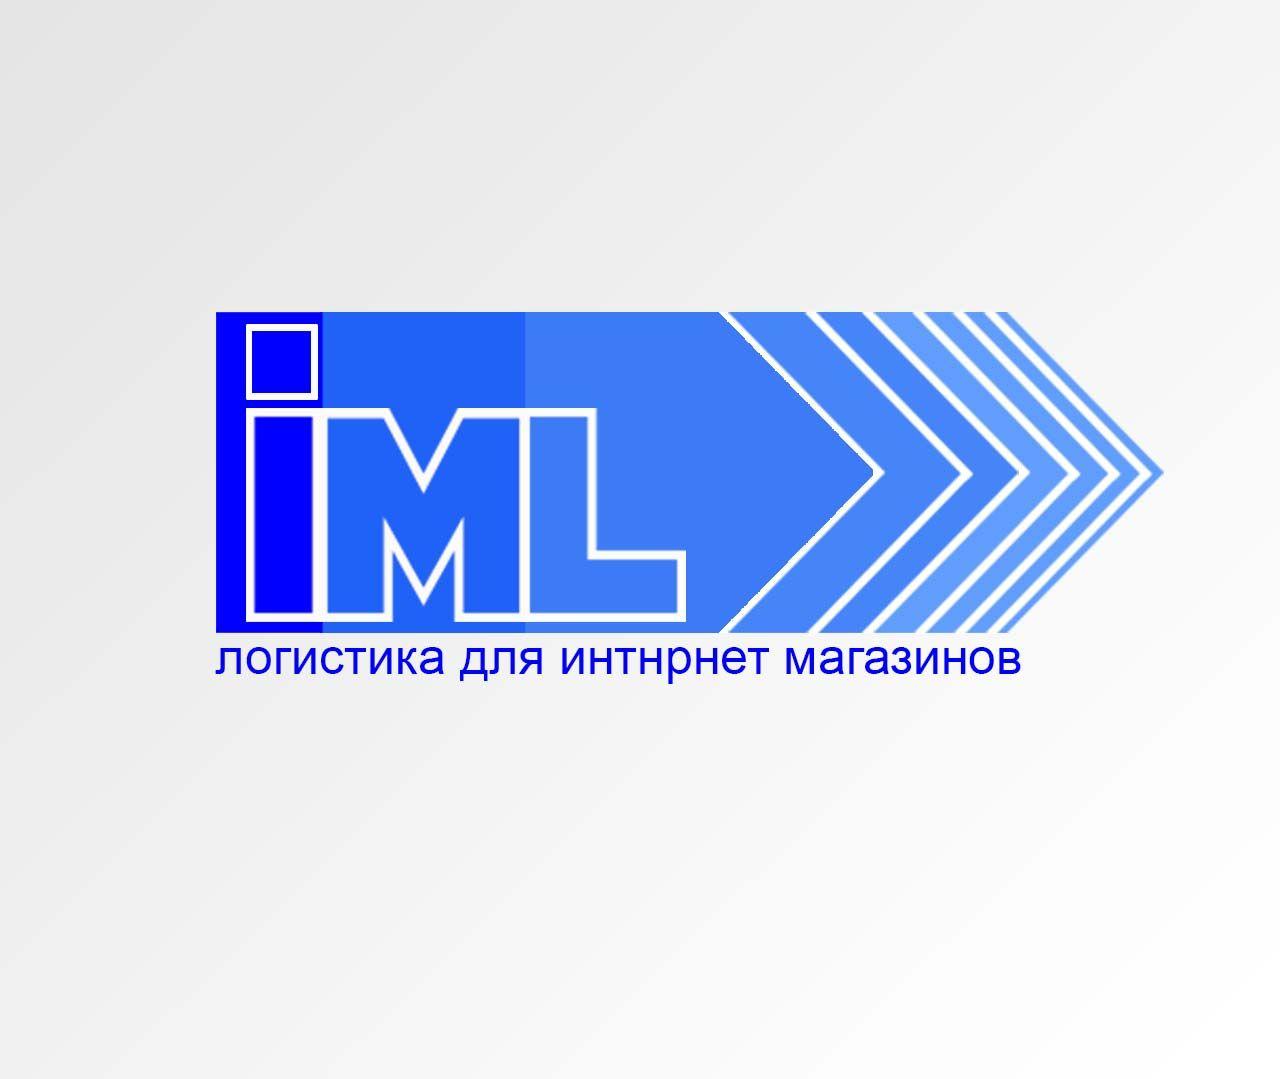 Лого для ребрендинга логистической компании - дизайнер EVA23